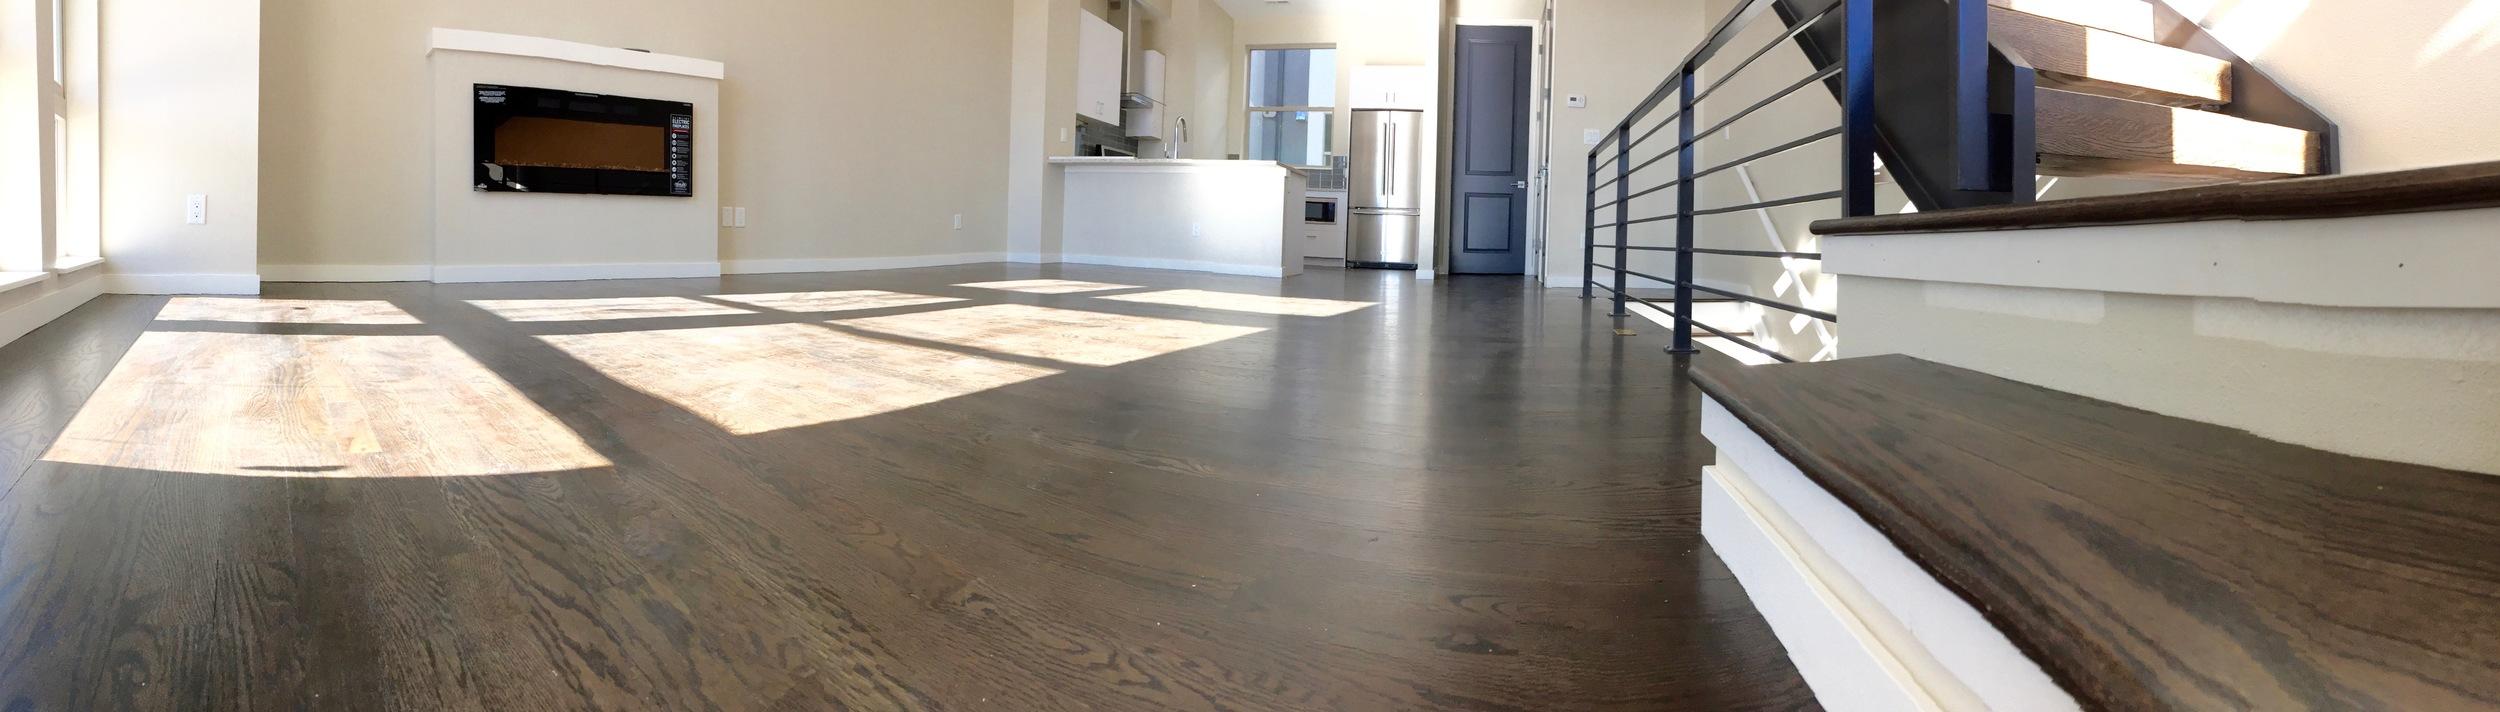 Eighth image of Residential Hardwood Flooring for Zuni Denver by ASA Flooring